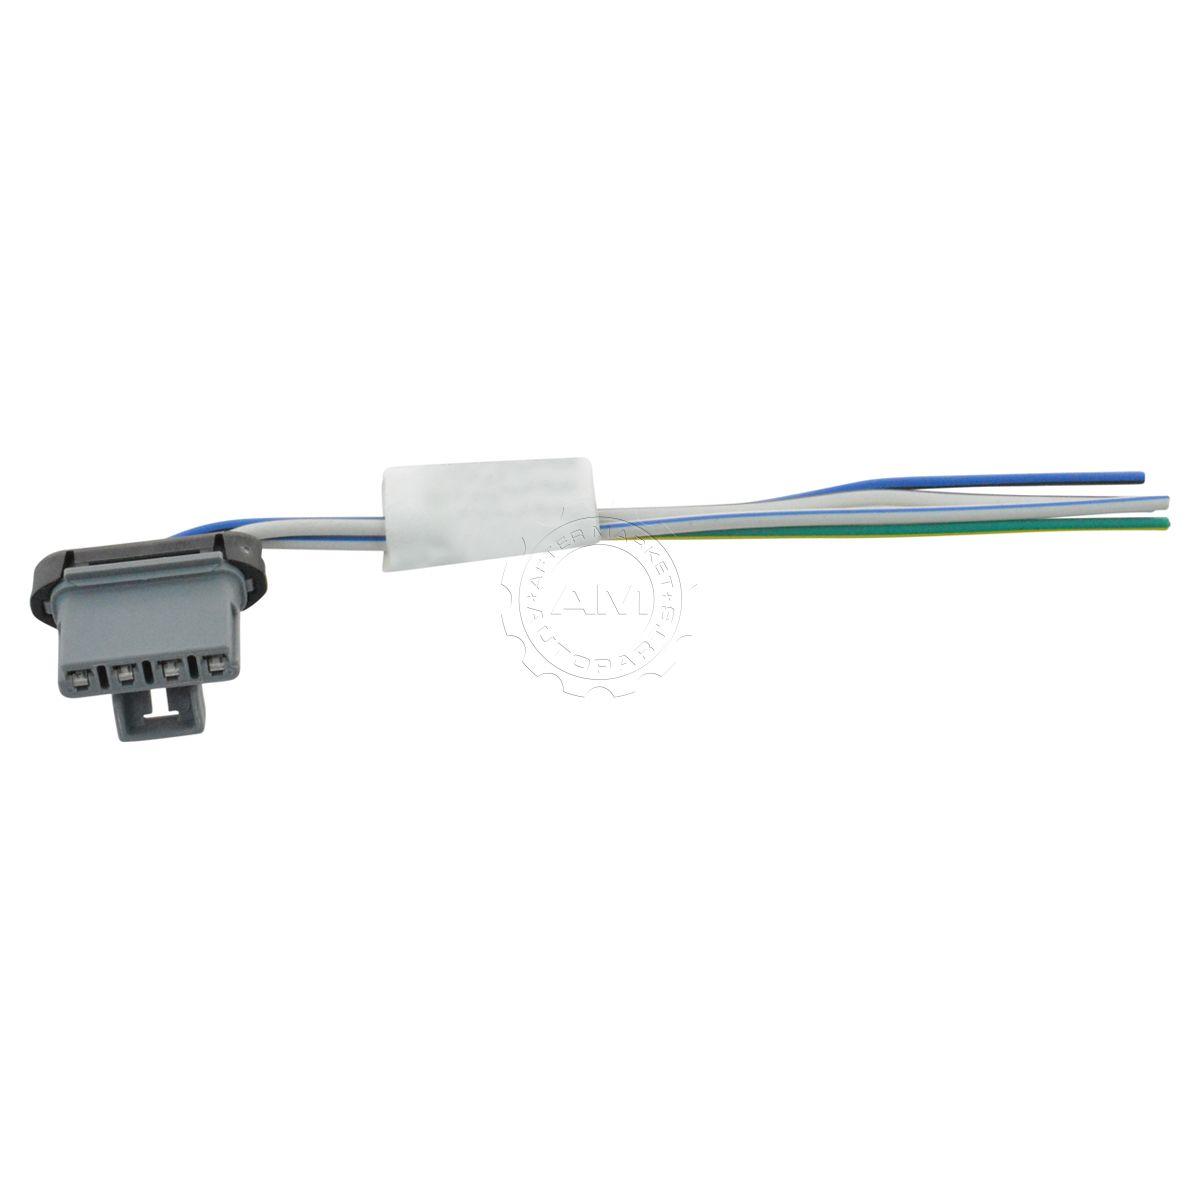 Oem blower motor resistor plug w pigtail harness for 05 15 toyota oem blower motor resistor plug w pigtail harness for 05 15 toyota tacoma new publicscrutiny Images